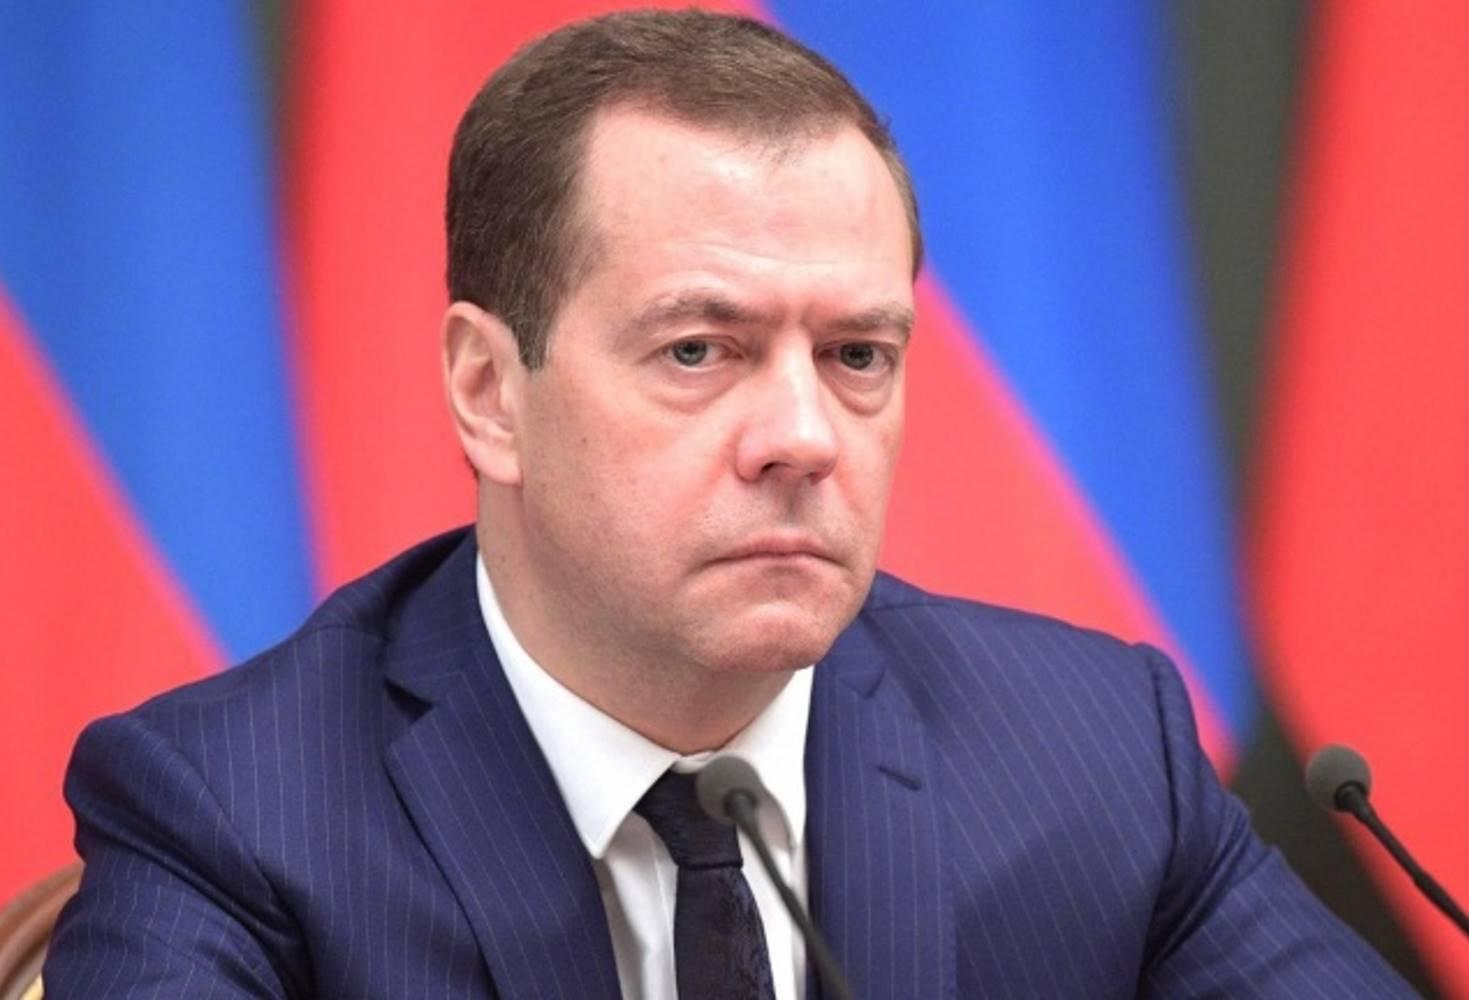 medvedev-ne-isklyuchil-chto-distantsionnoe-obuchenie-mozhet-zatyanutsya